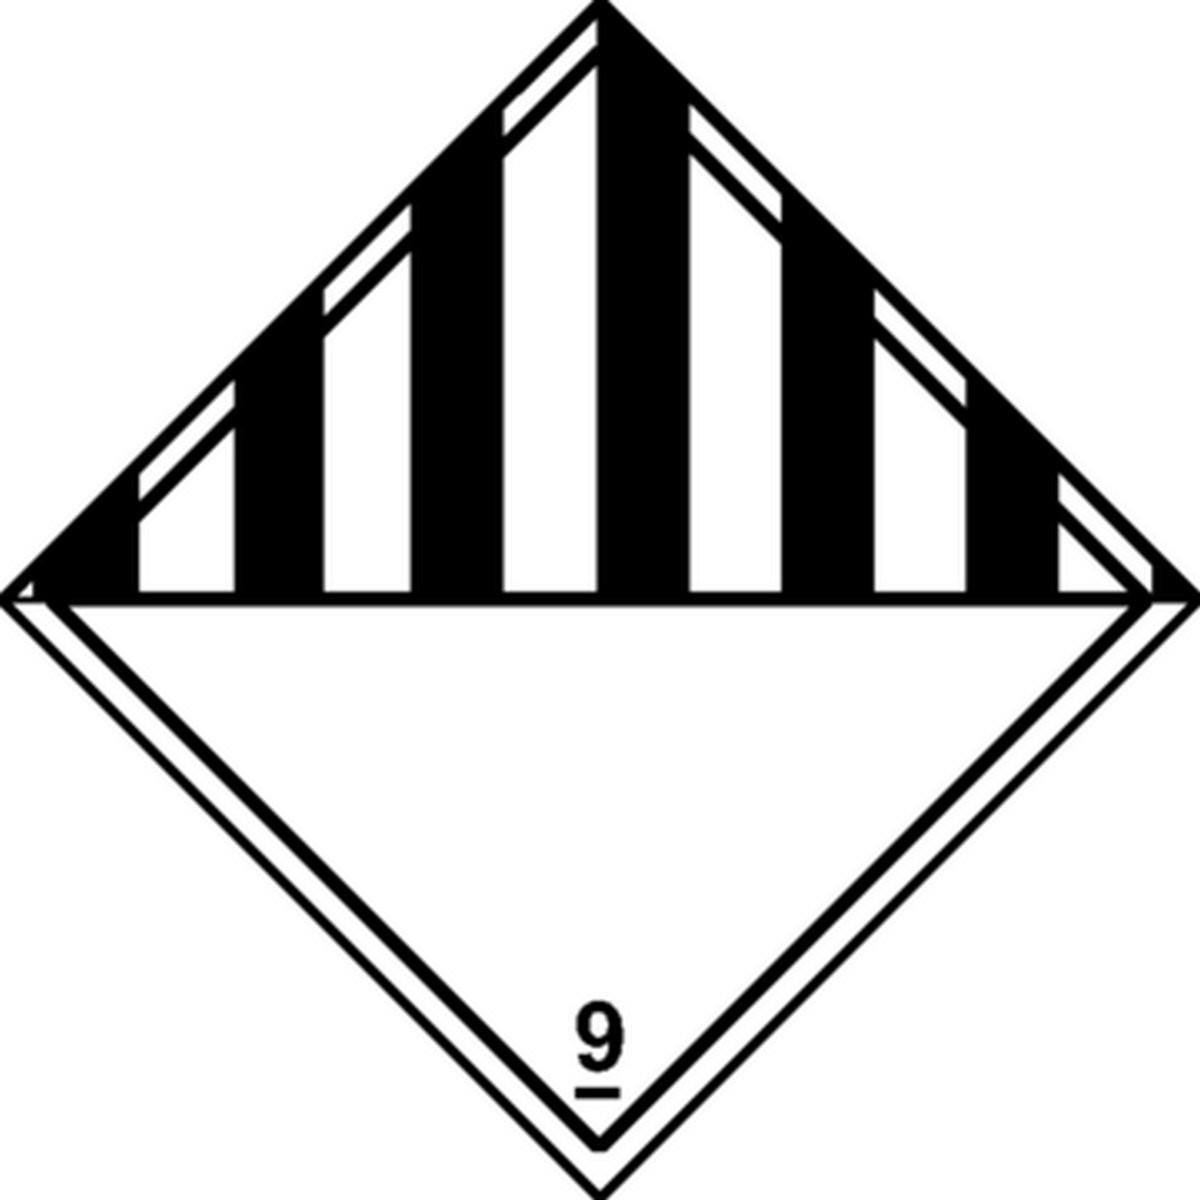 Etiquette Matières et objets dangereux divers Classe 9